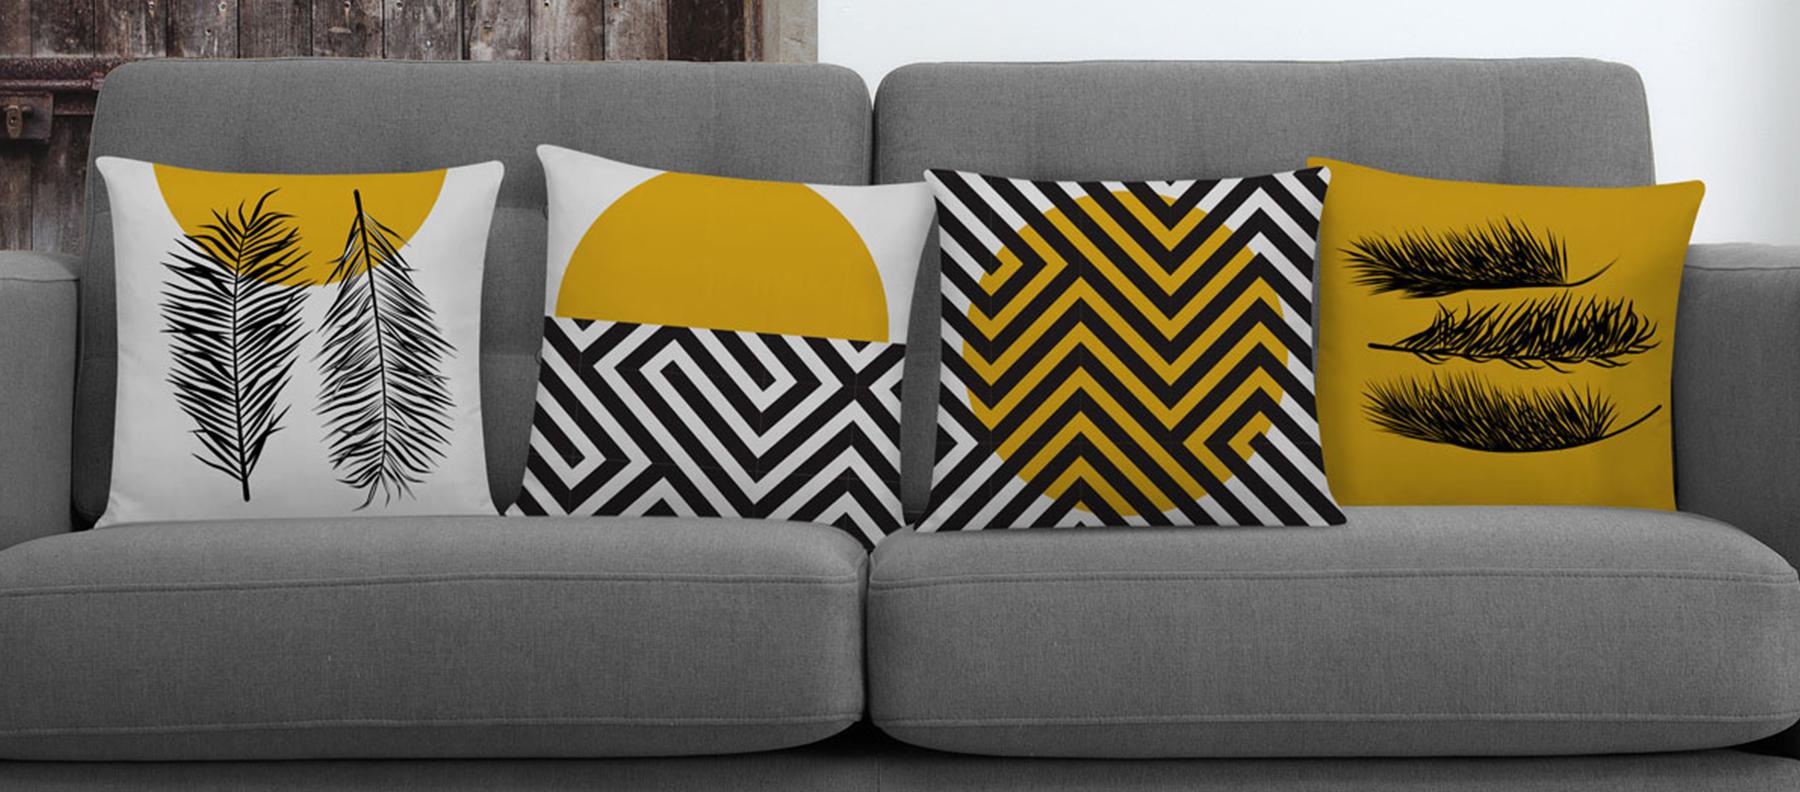 Almofadas na decoração: dicas de como usar na sua casa